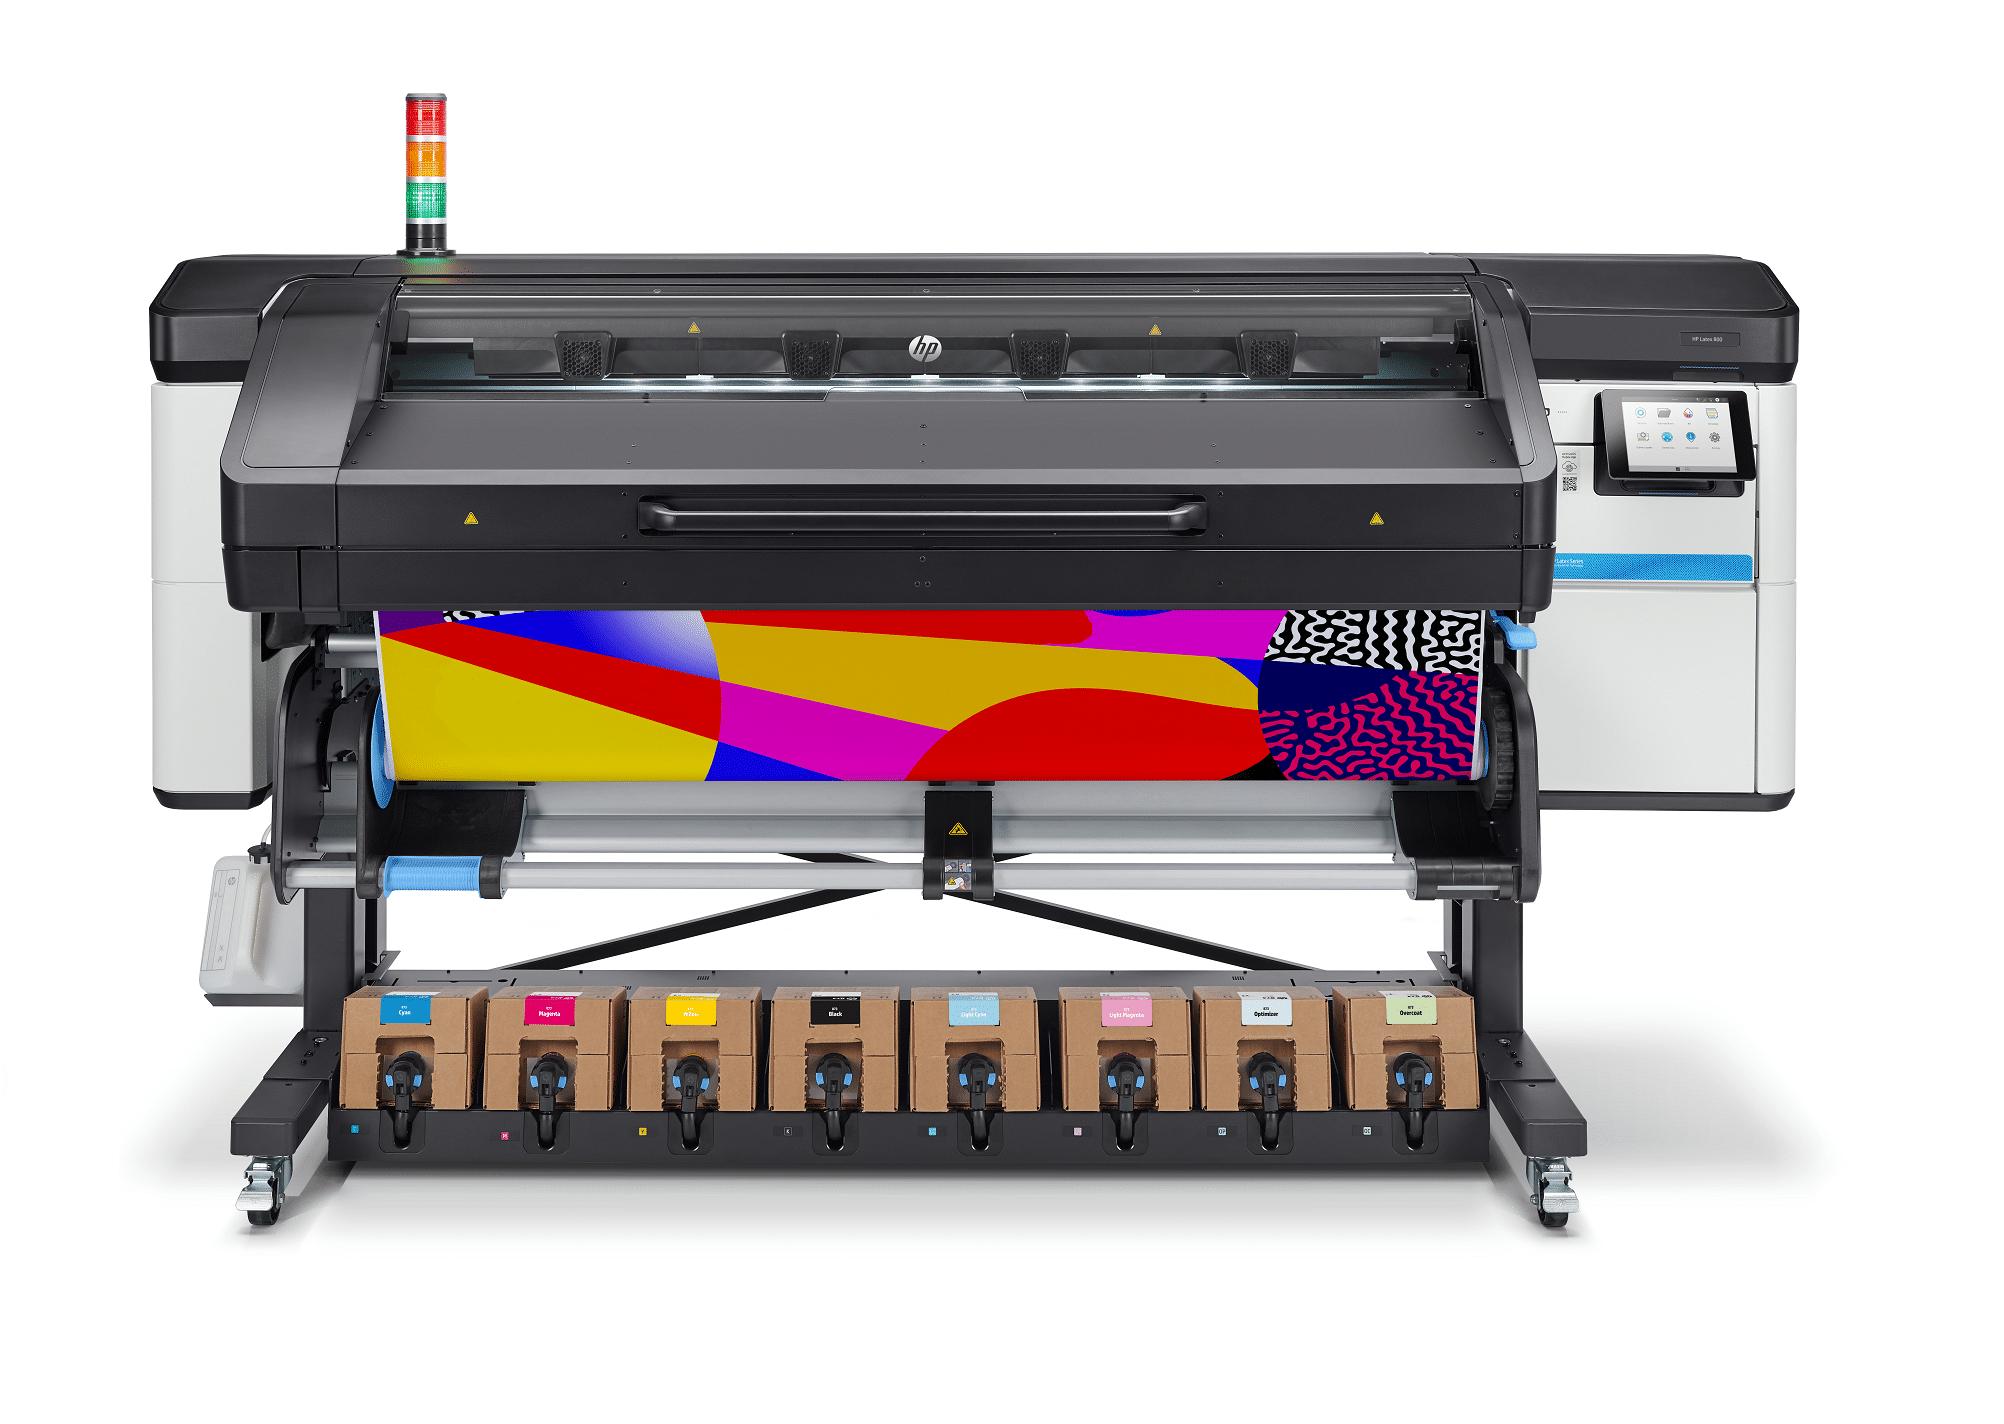 HP Latex 800